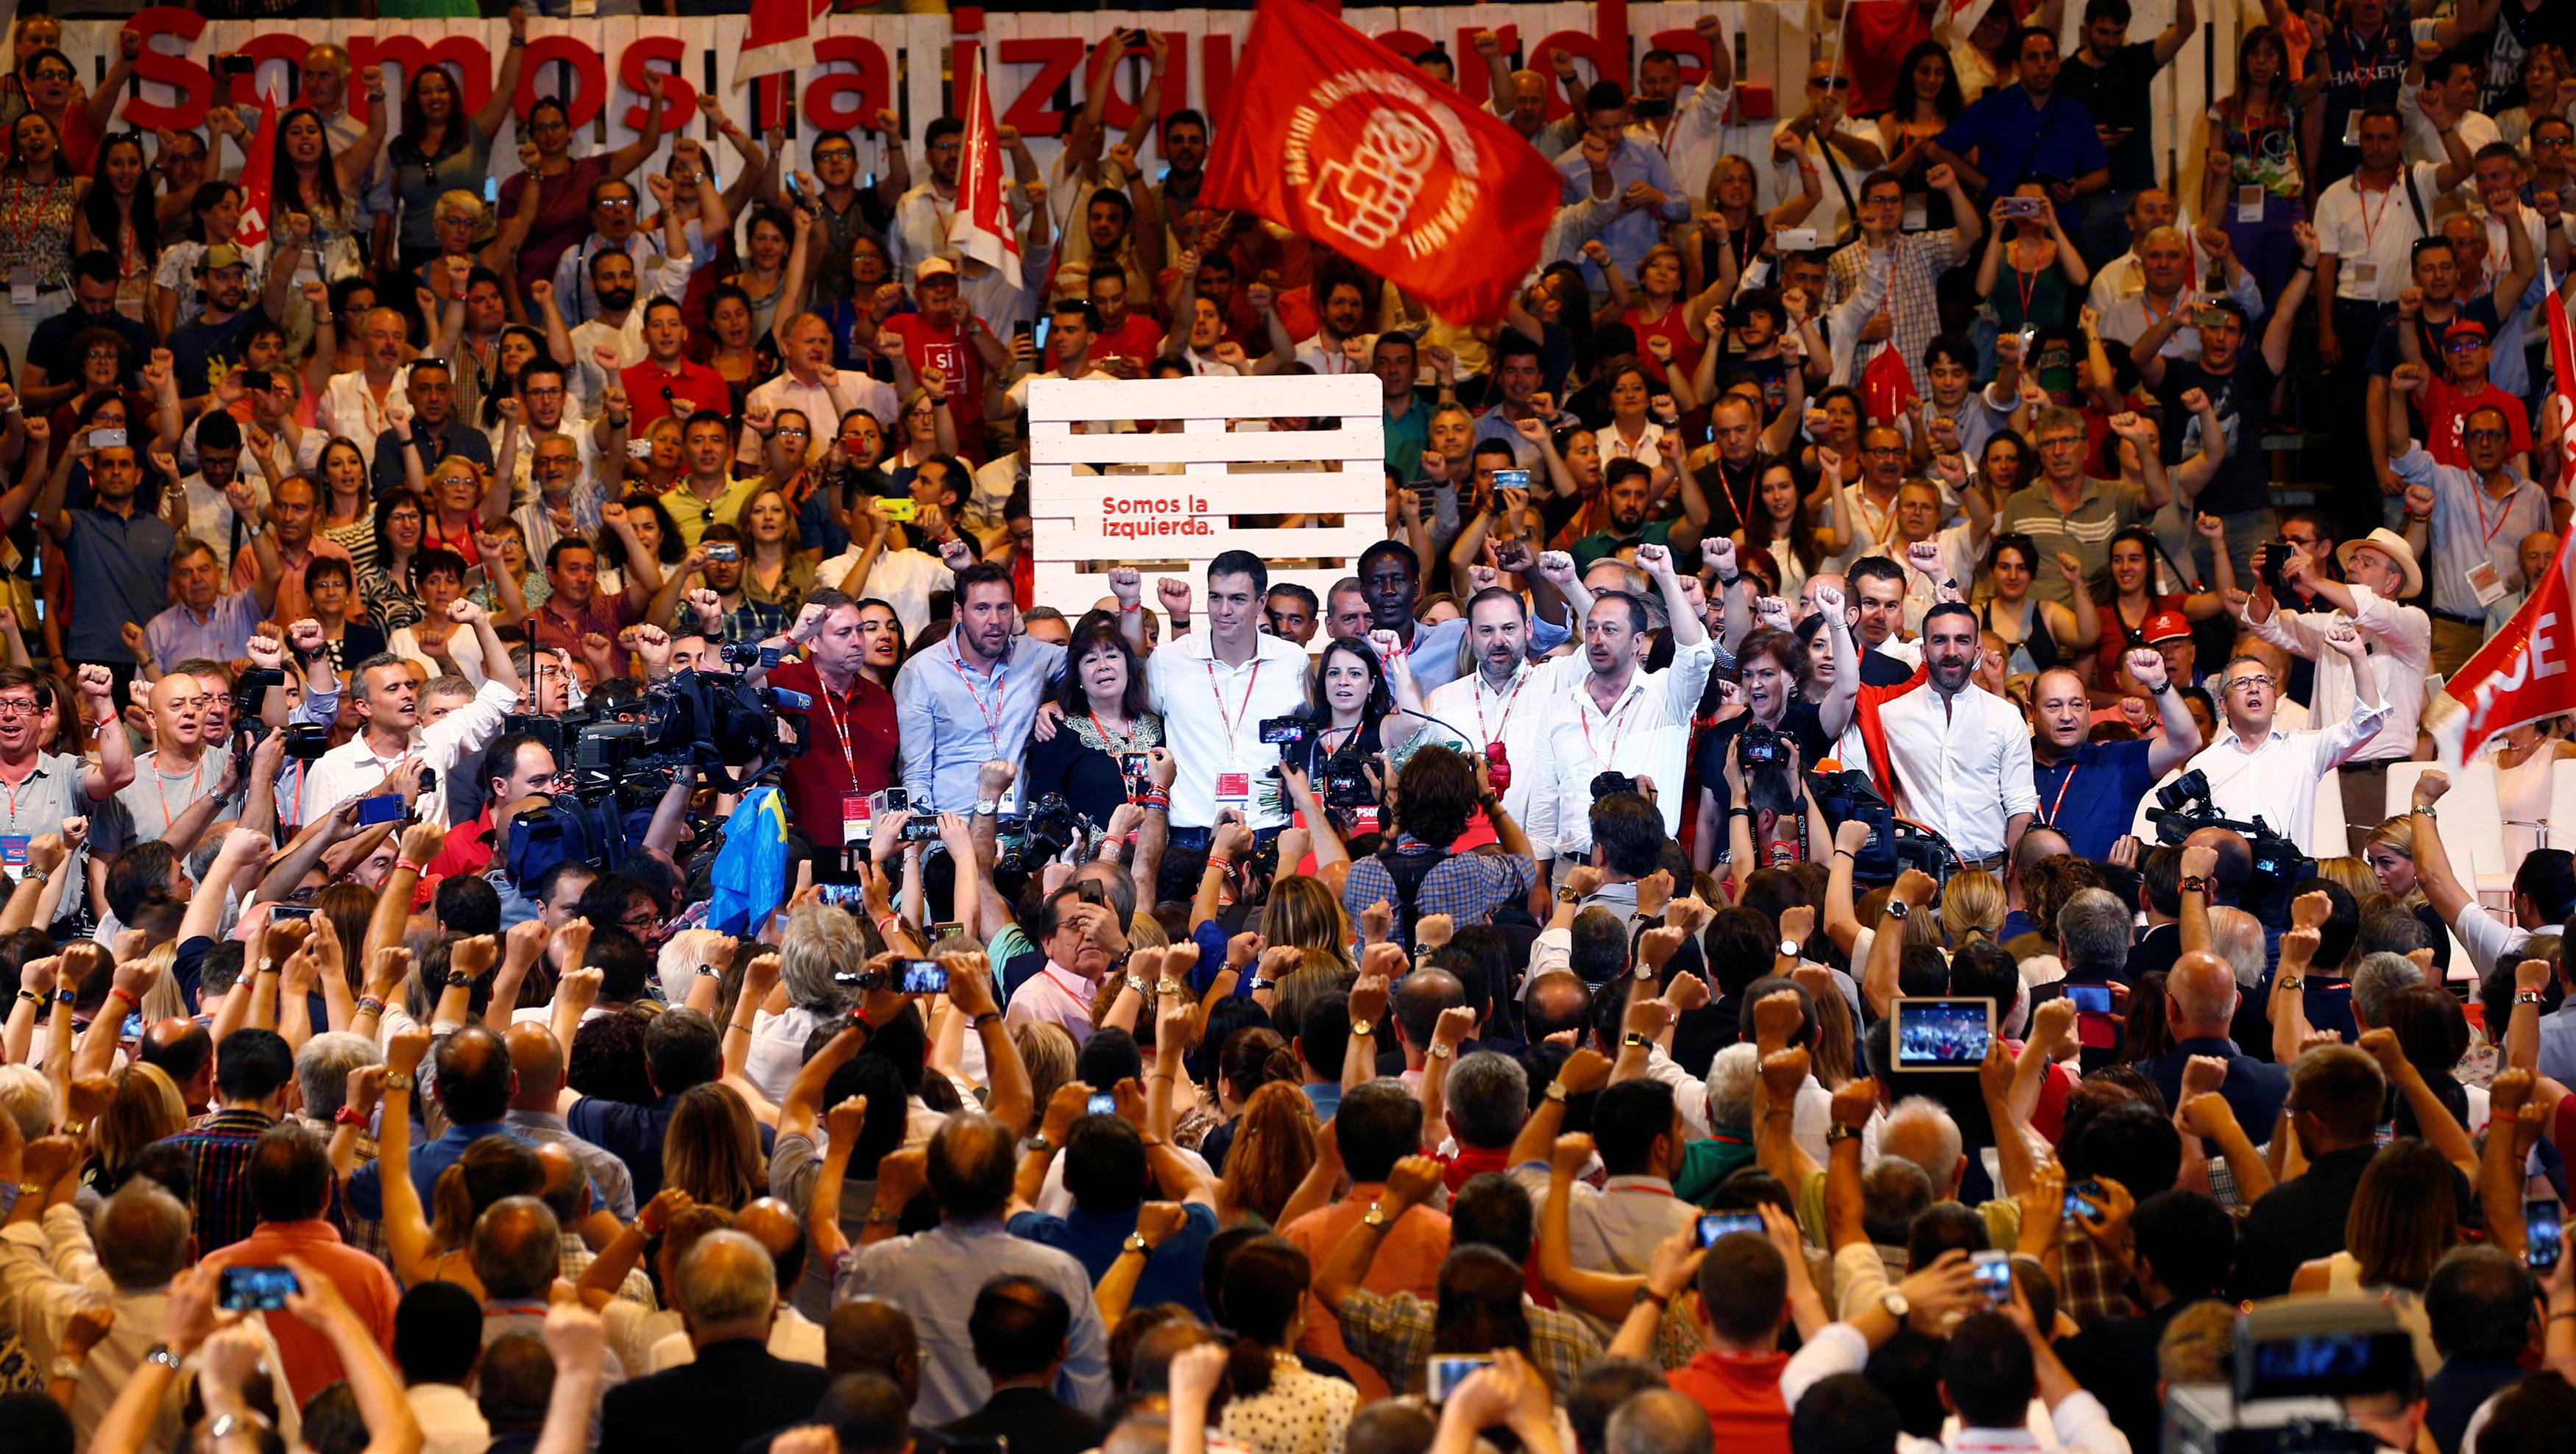 Spanish Socialists crown Sanchez new leader